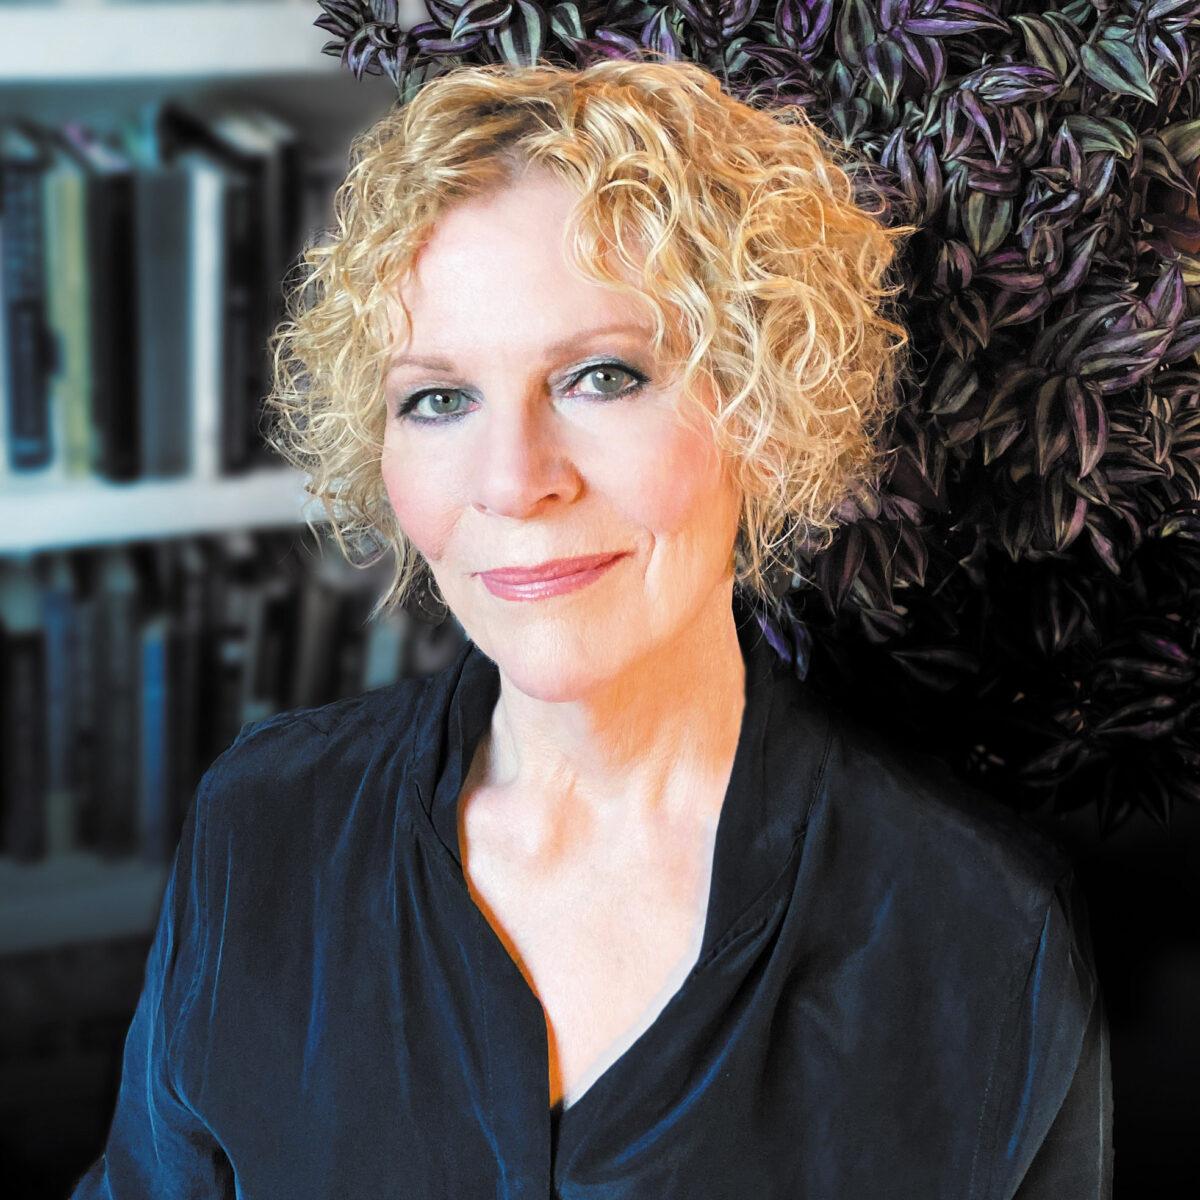 Linda schweizer portrait